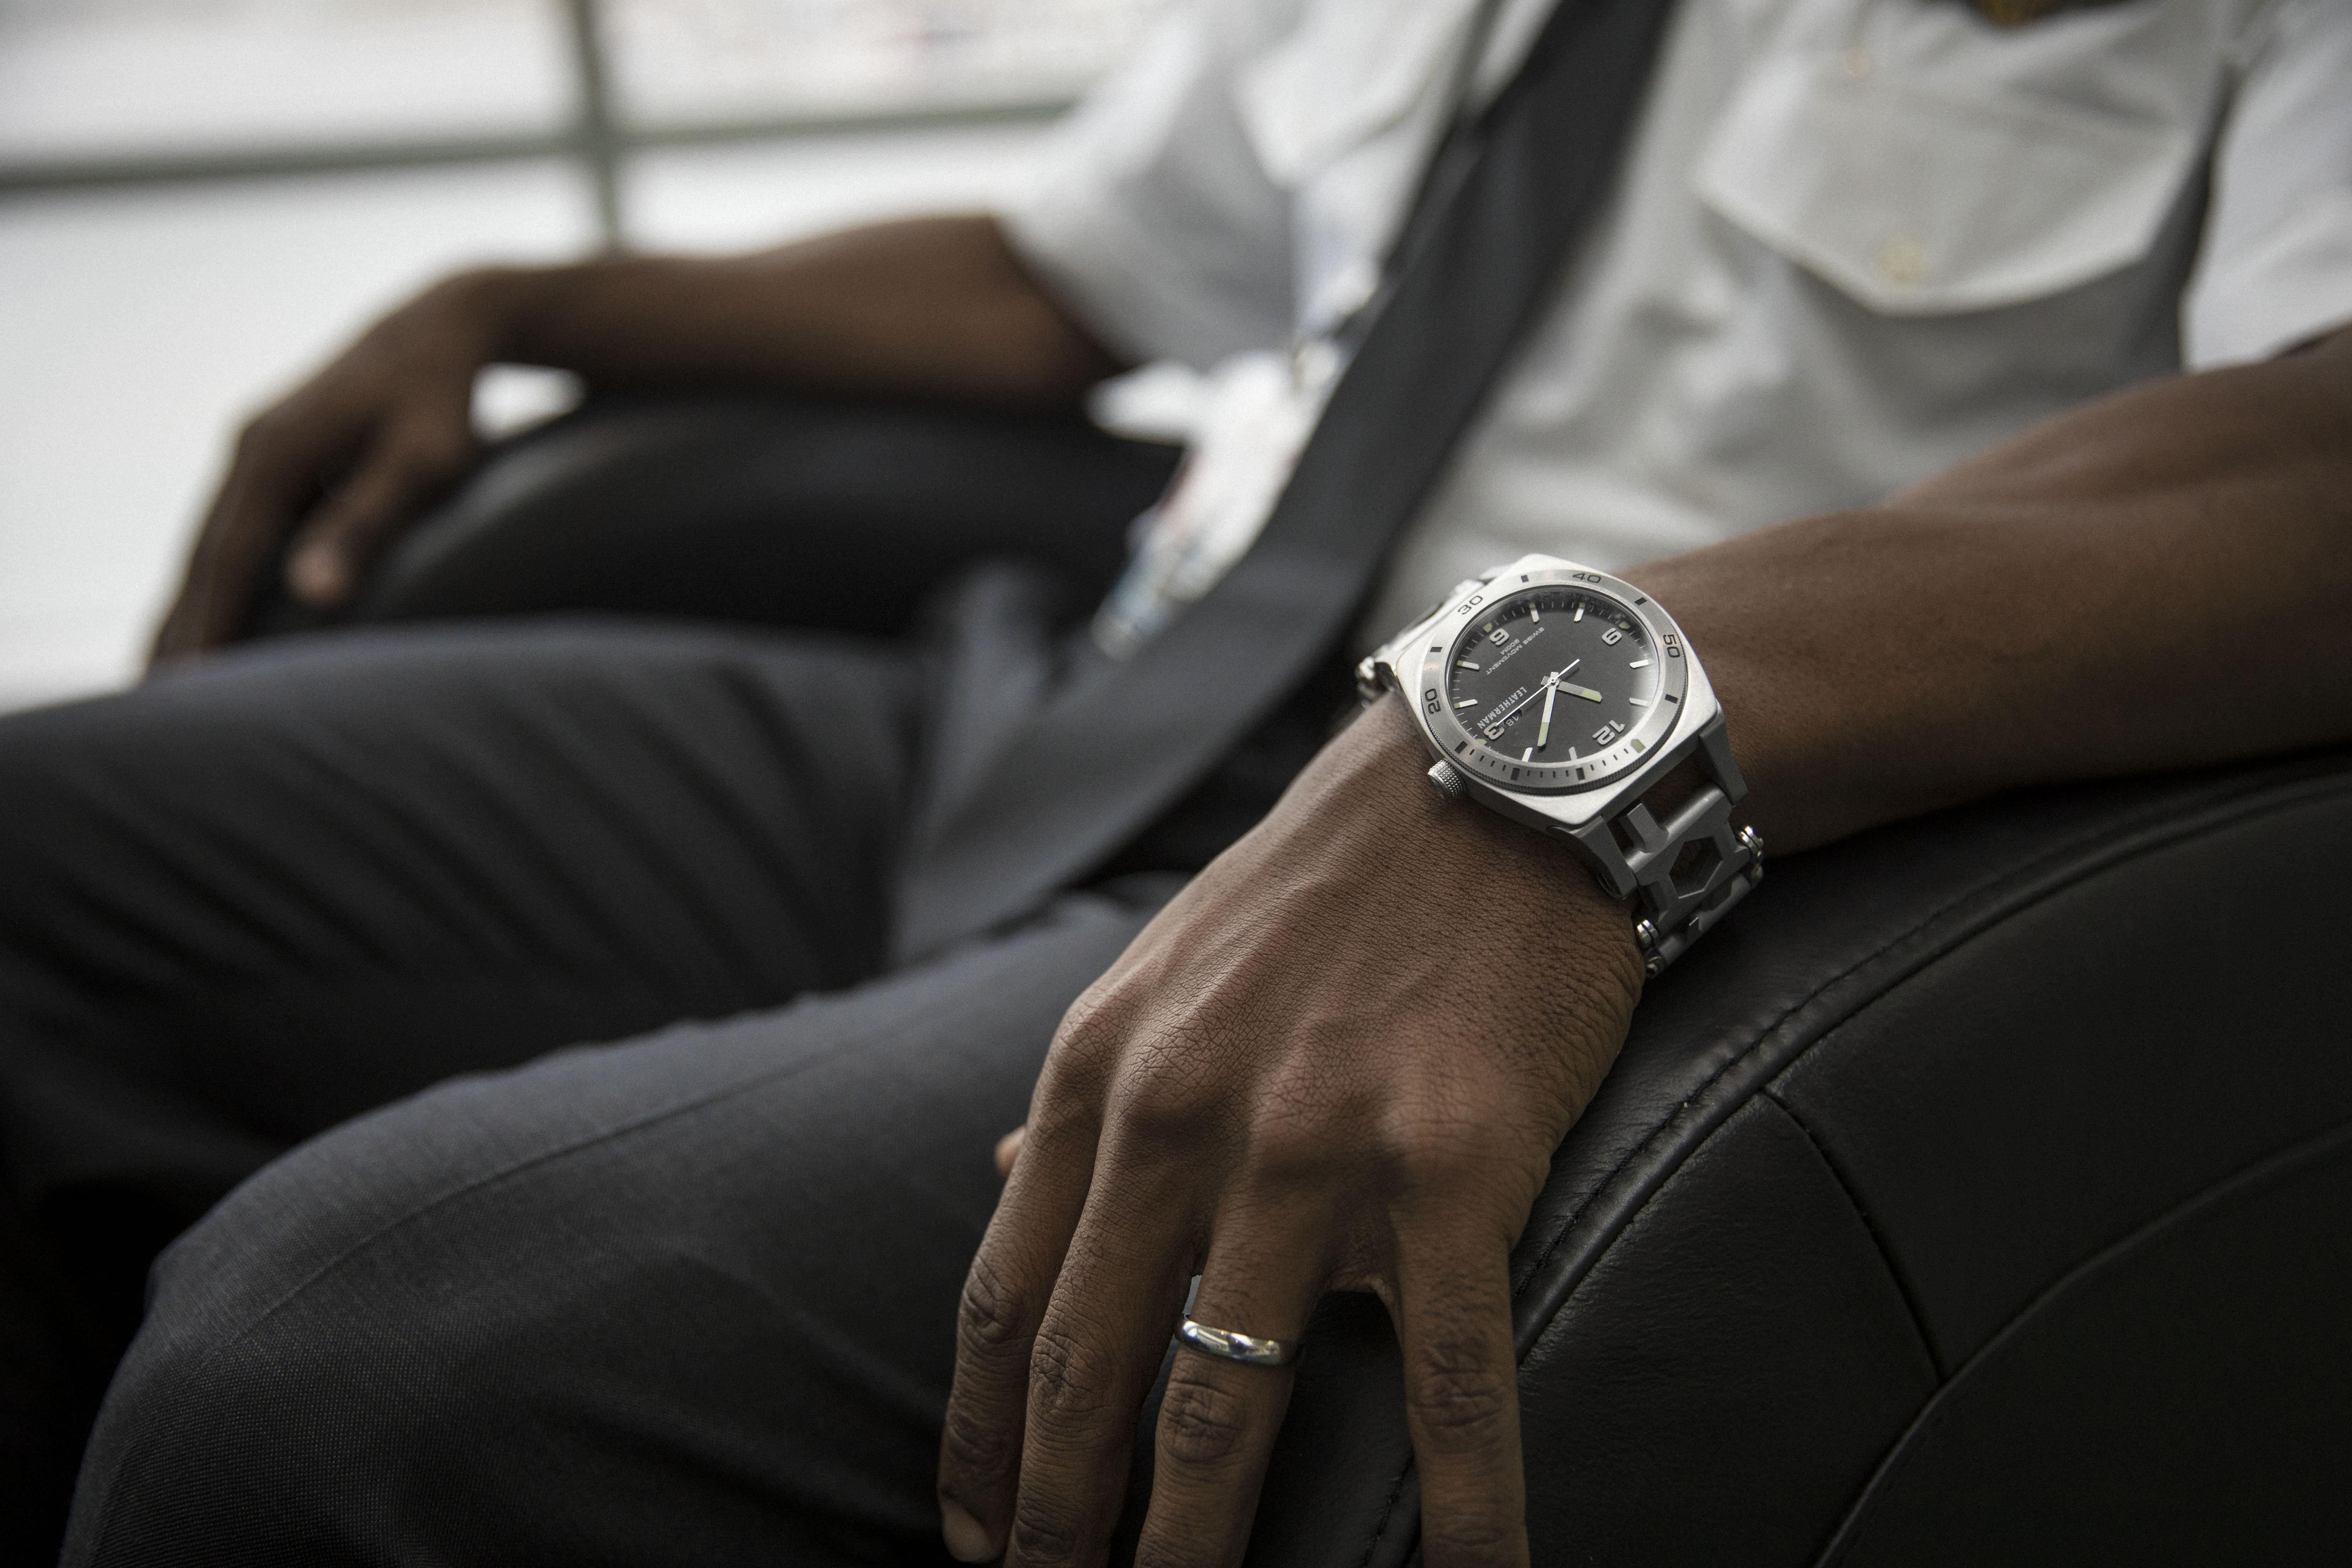 Leatherman tread tempo multi-tool watch on wrist, stainless steel